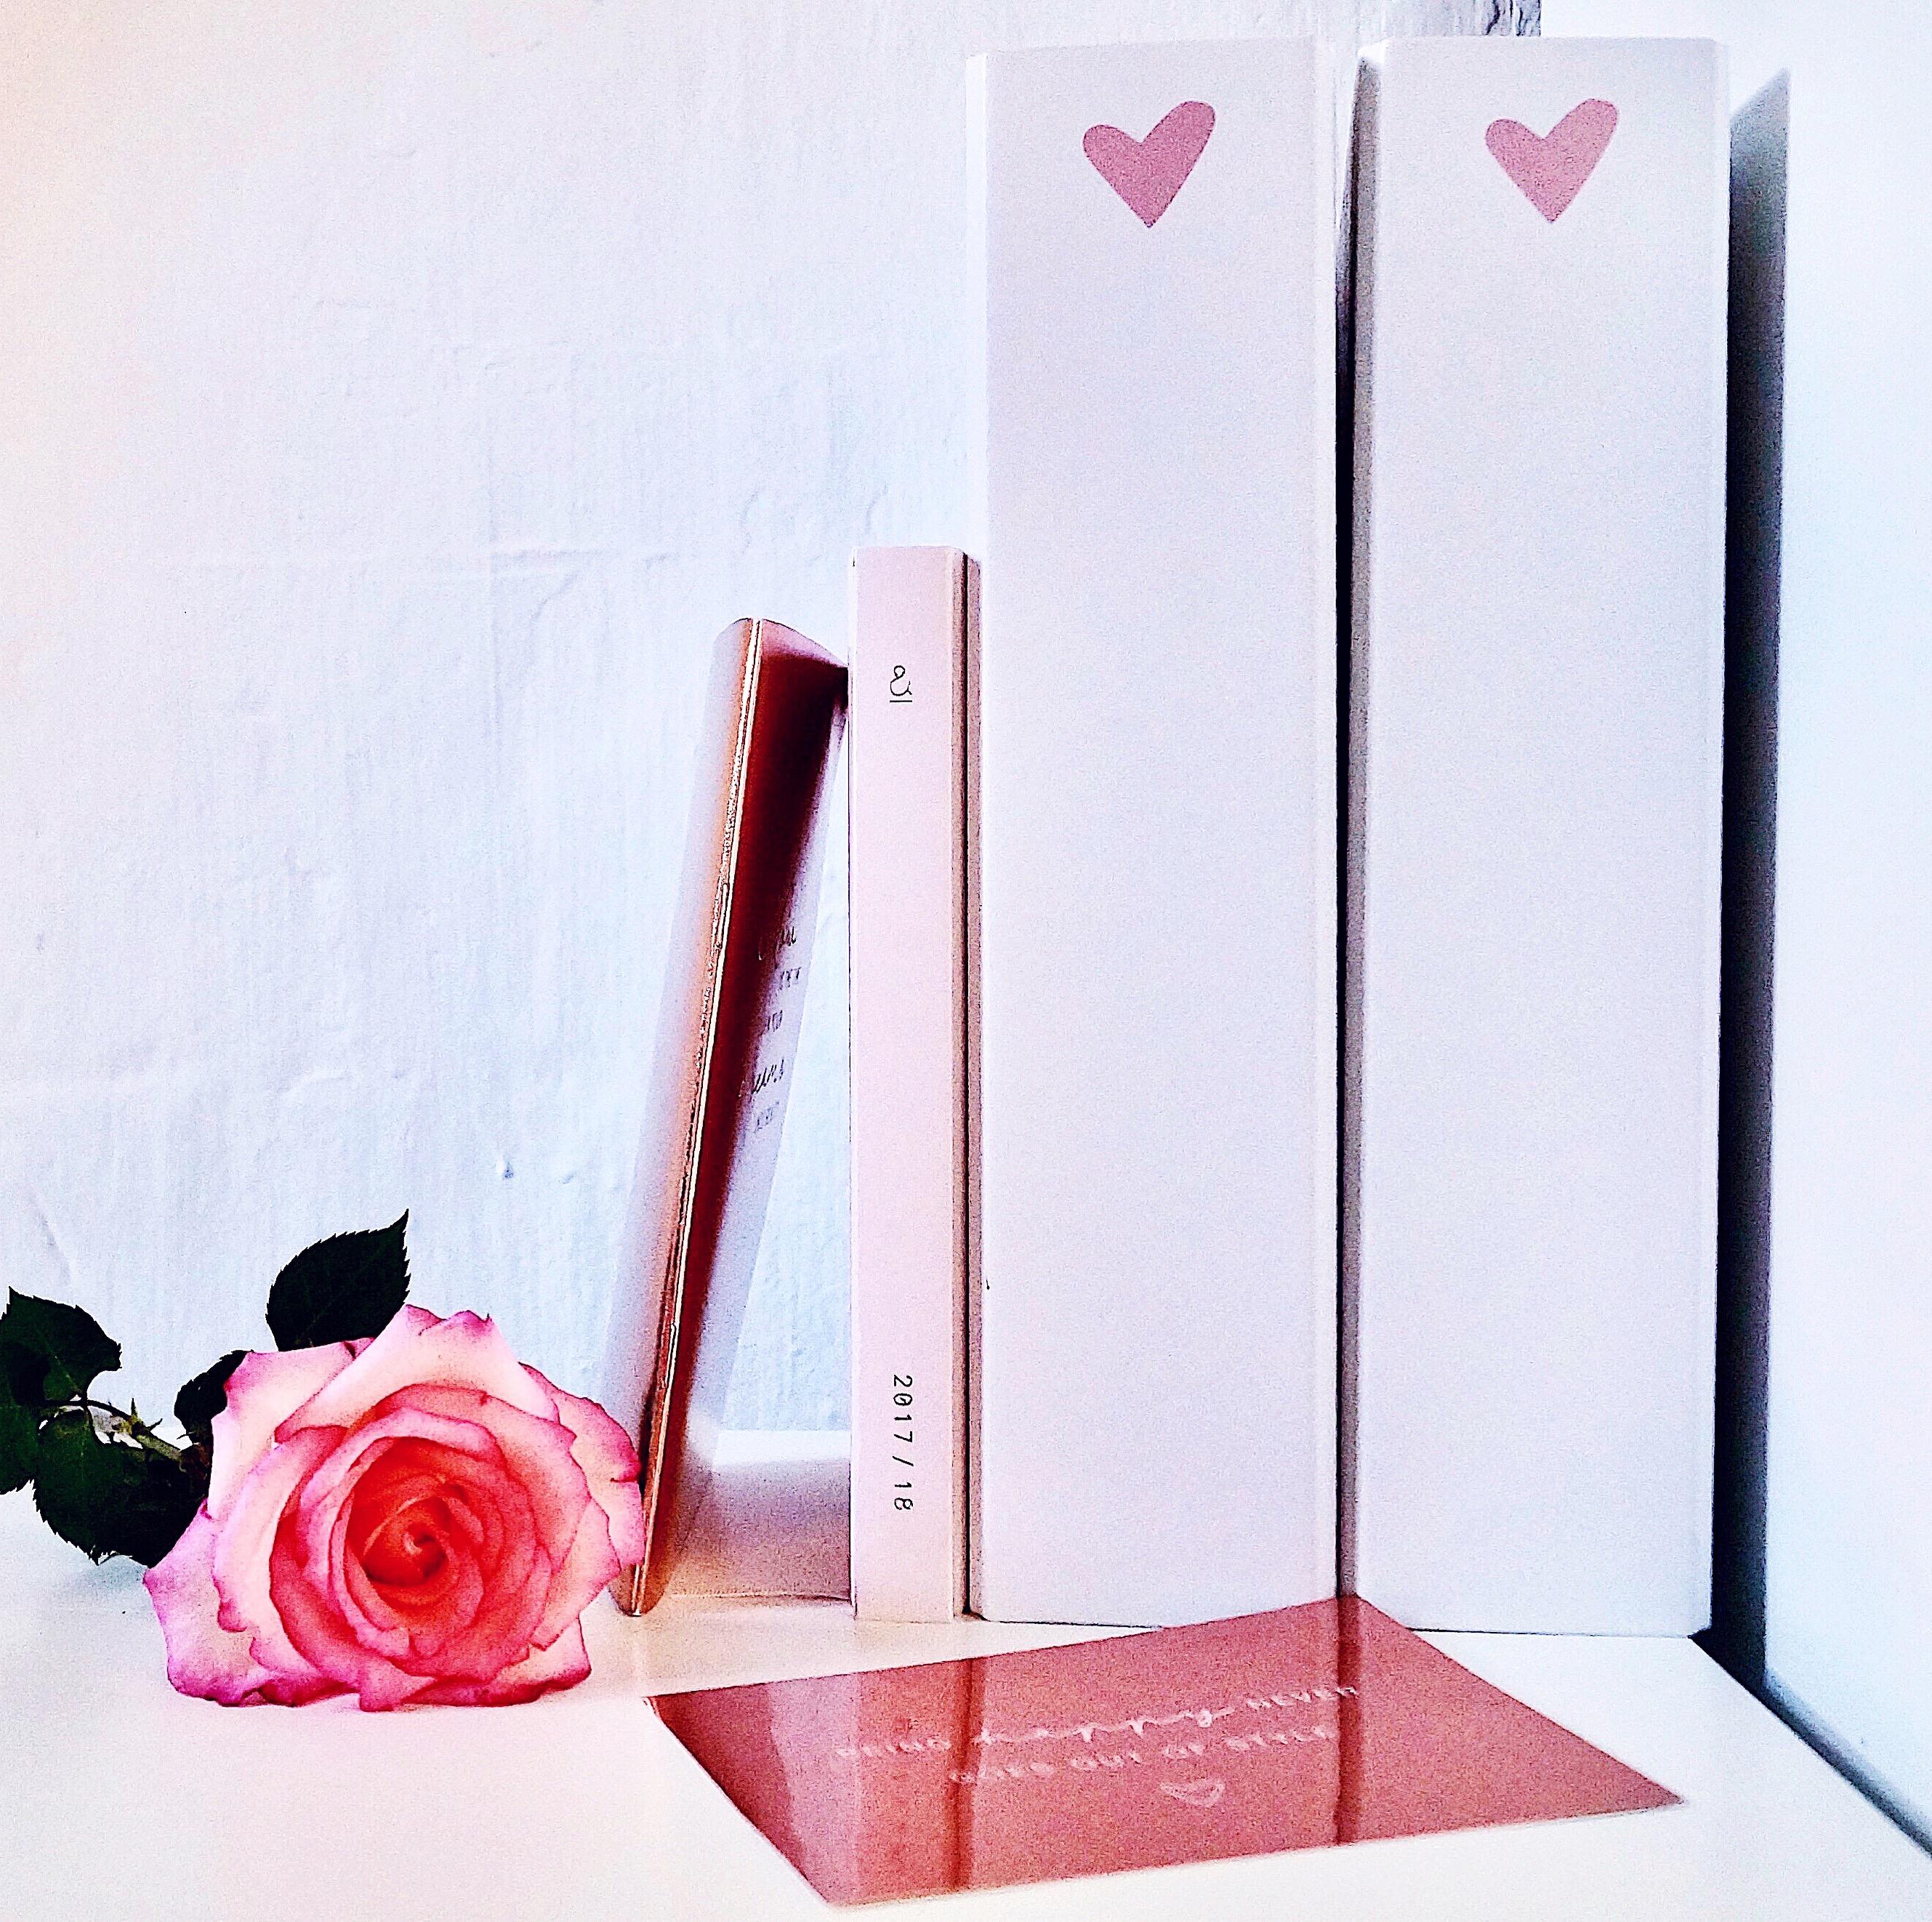 organisation blog instagram uni wie ich meinen alltag organisiere juli jolie. Black Bedroom Furniture Sets. Home Design Ideas